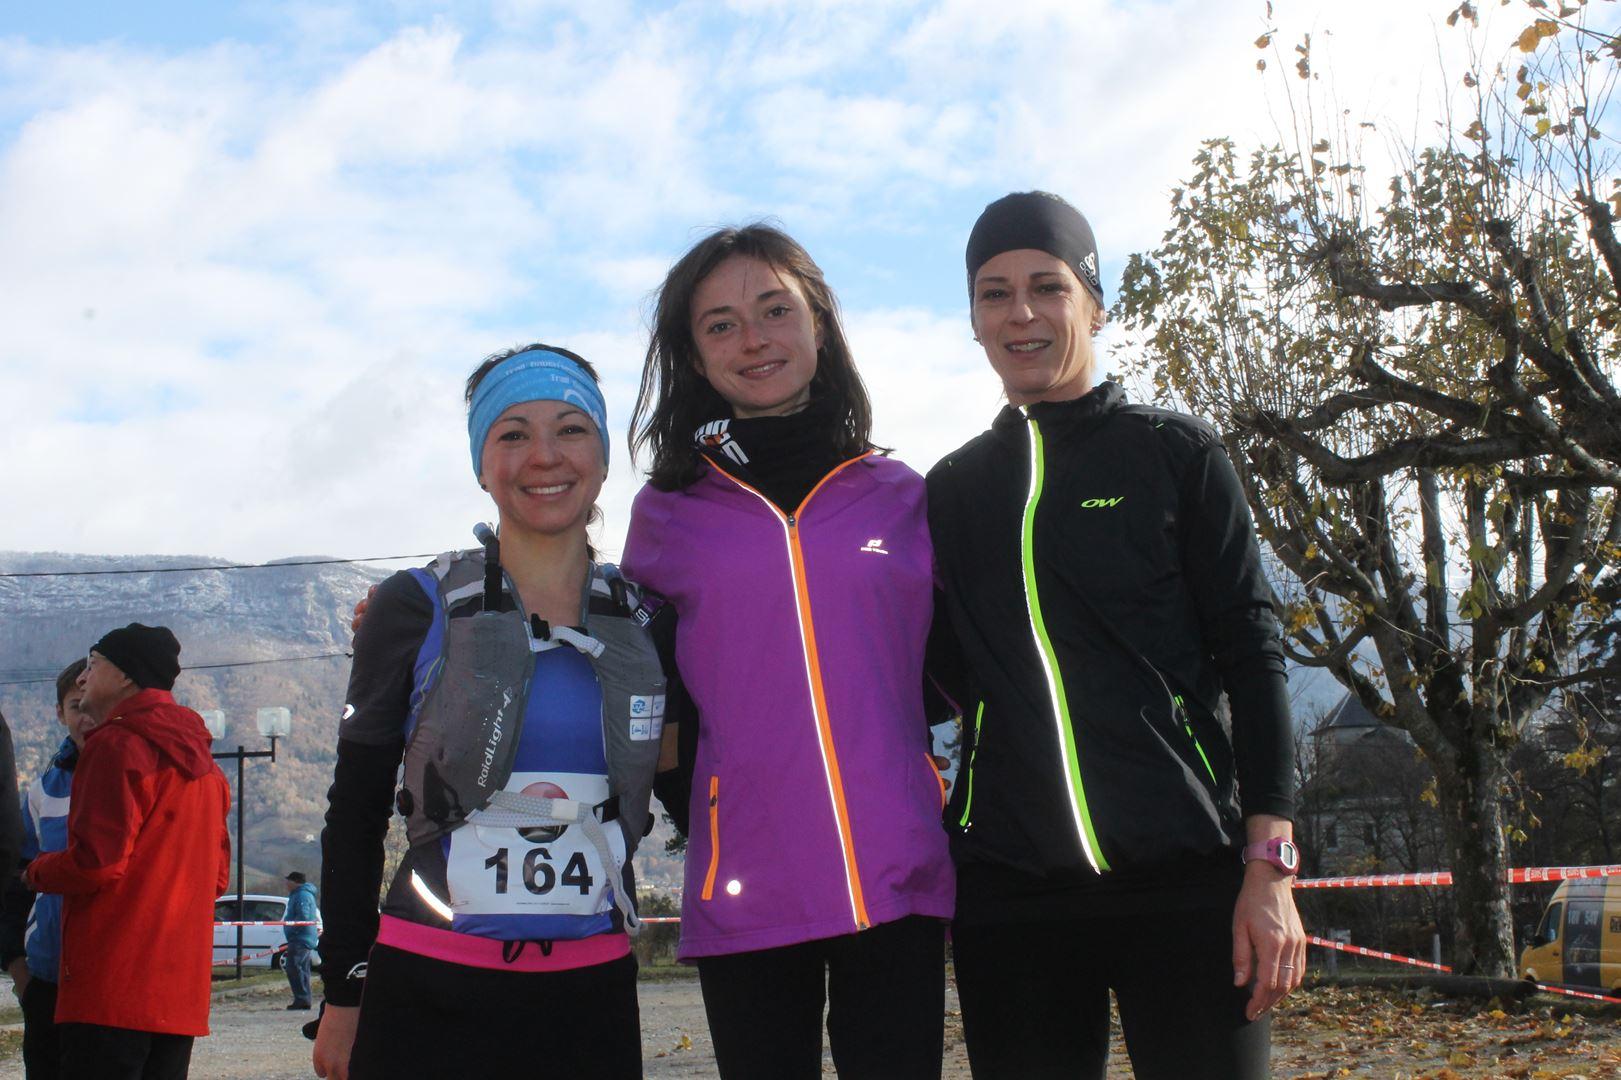 podium féminin du 22km - RESULTATS ET COMPTE RENDU DE LA SANGERUN 26-11-2017 SAINT JEAN D'ARVEY (73)